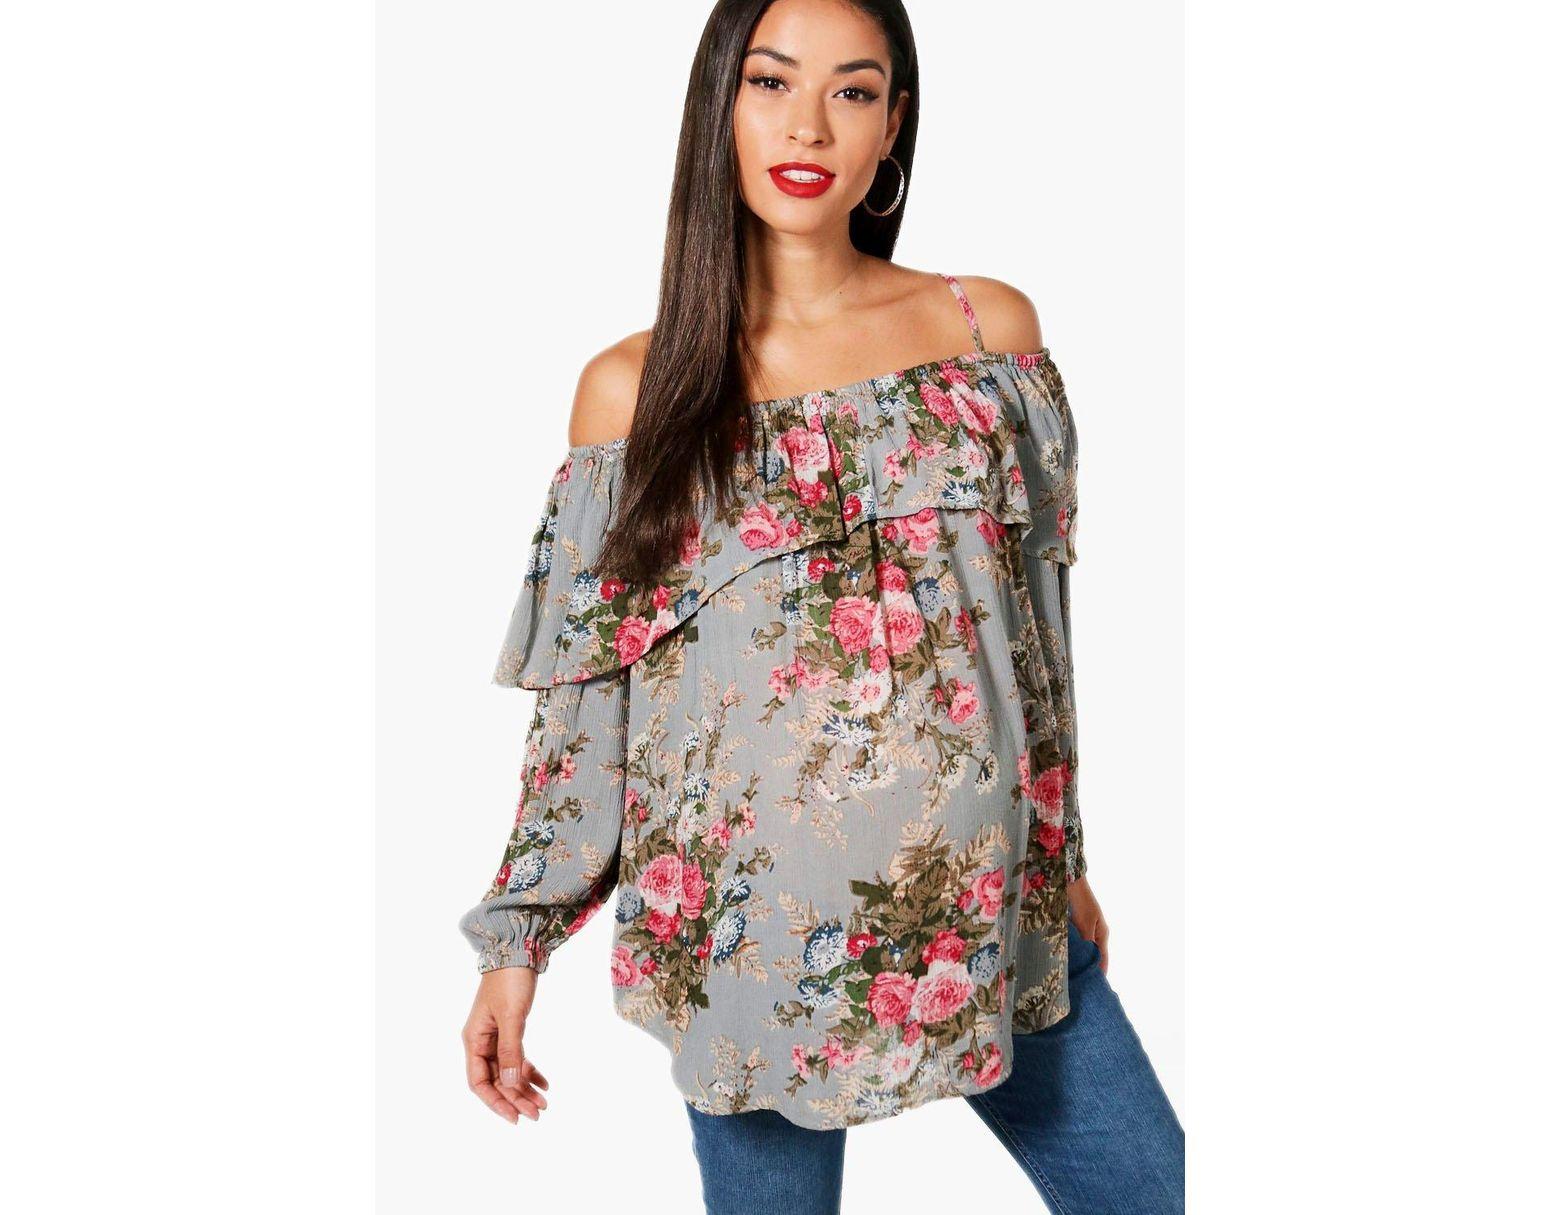 a5706b8833740 Boohoo Maternity Floral Open Shoulder Top - Lyst